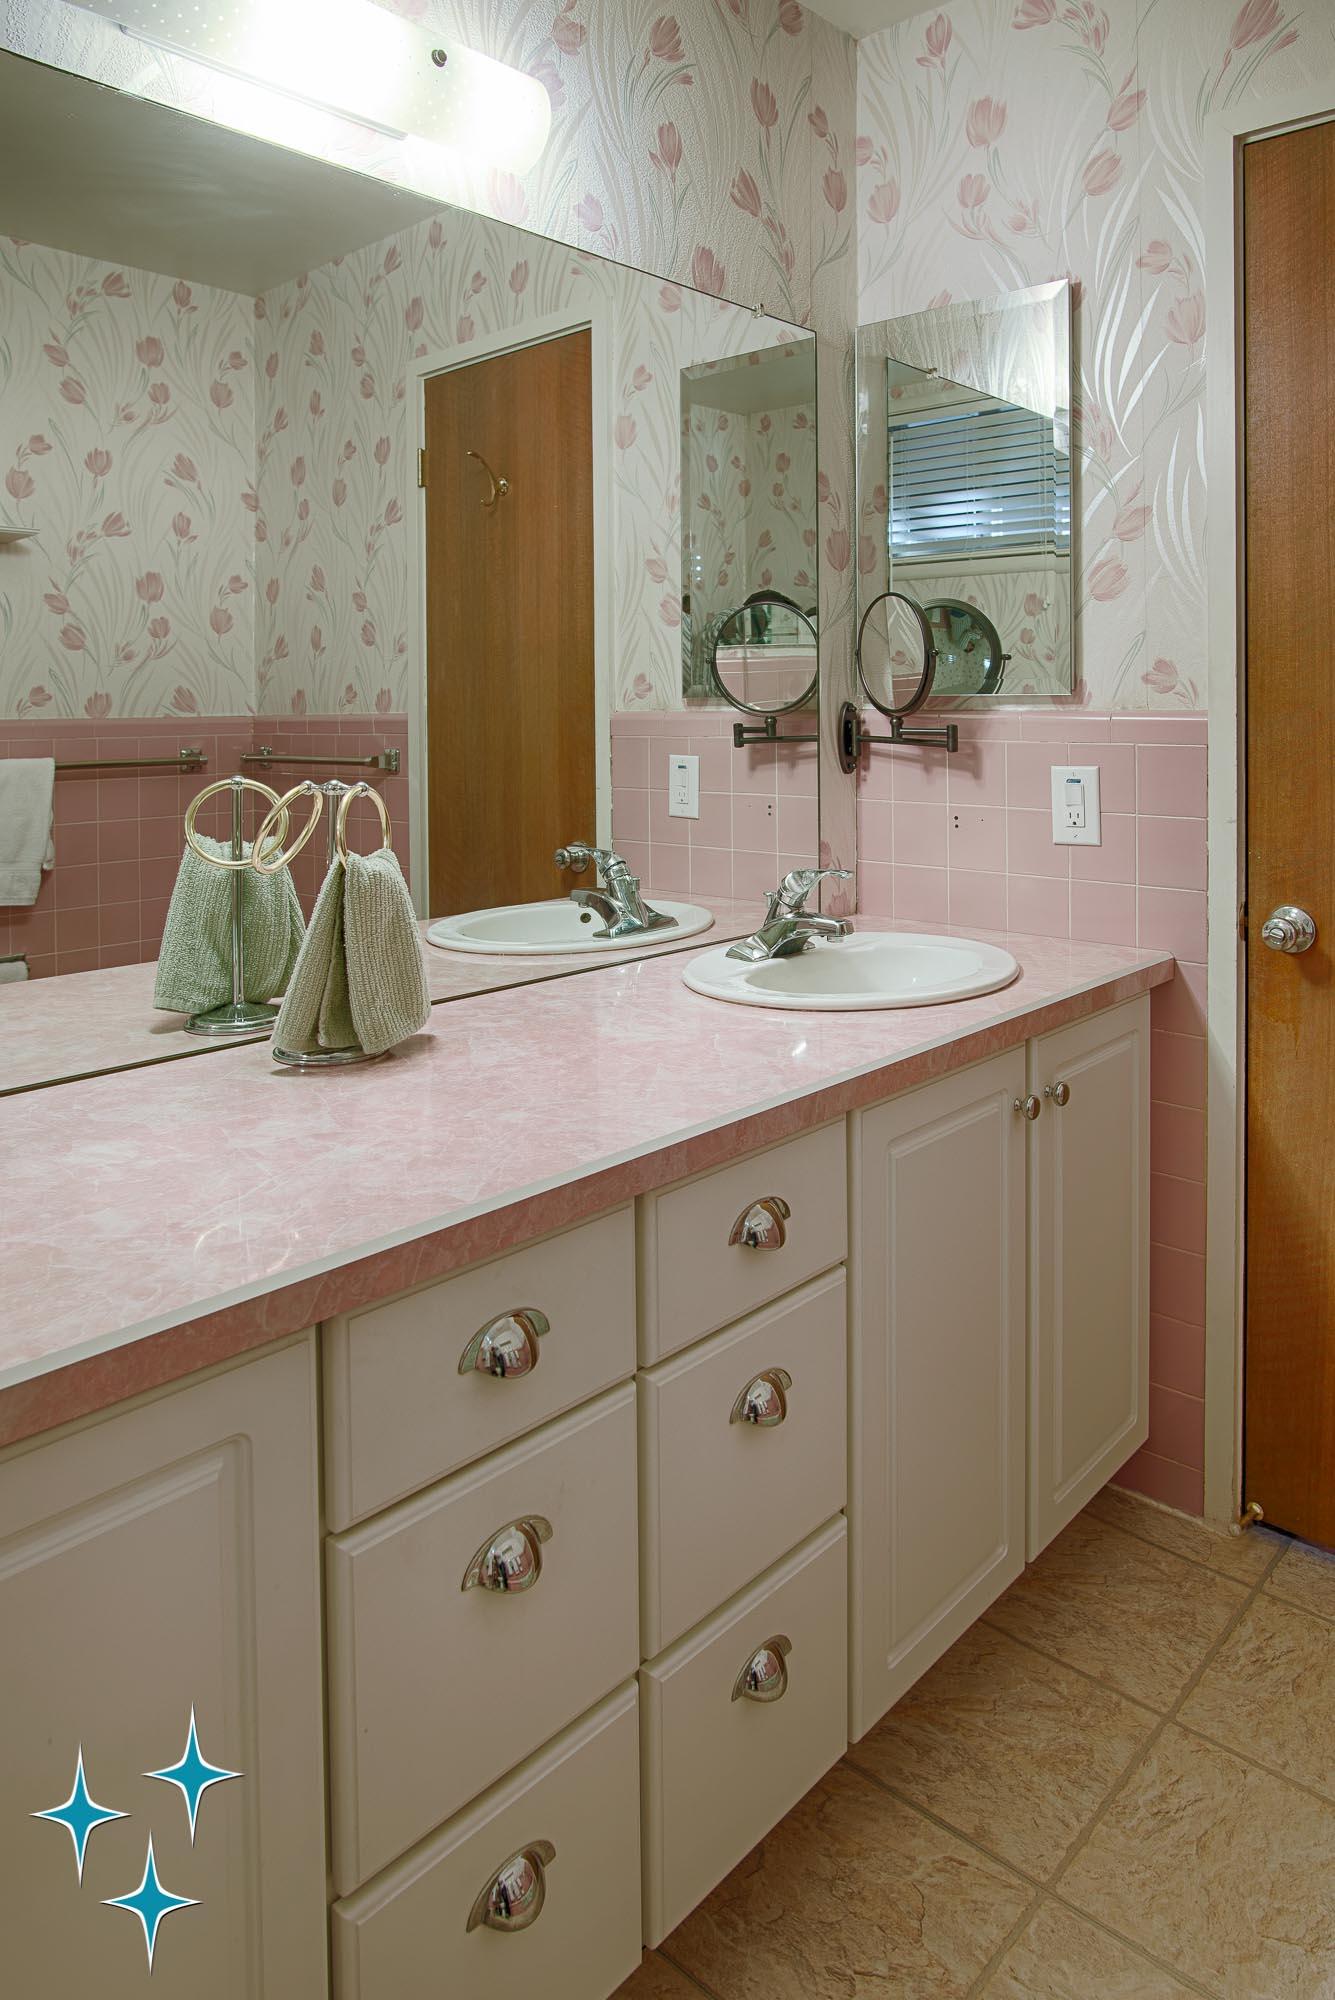 Adrian-Kinney-4155-W-Iliff-Avenue-Denver-r-Carey-Holiday-Home-2000w50-3SWM-27.jpg